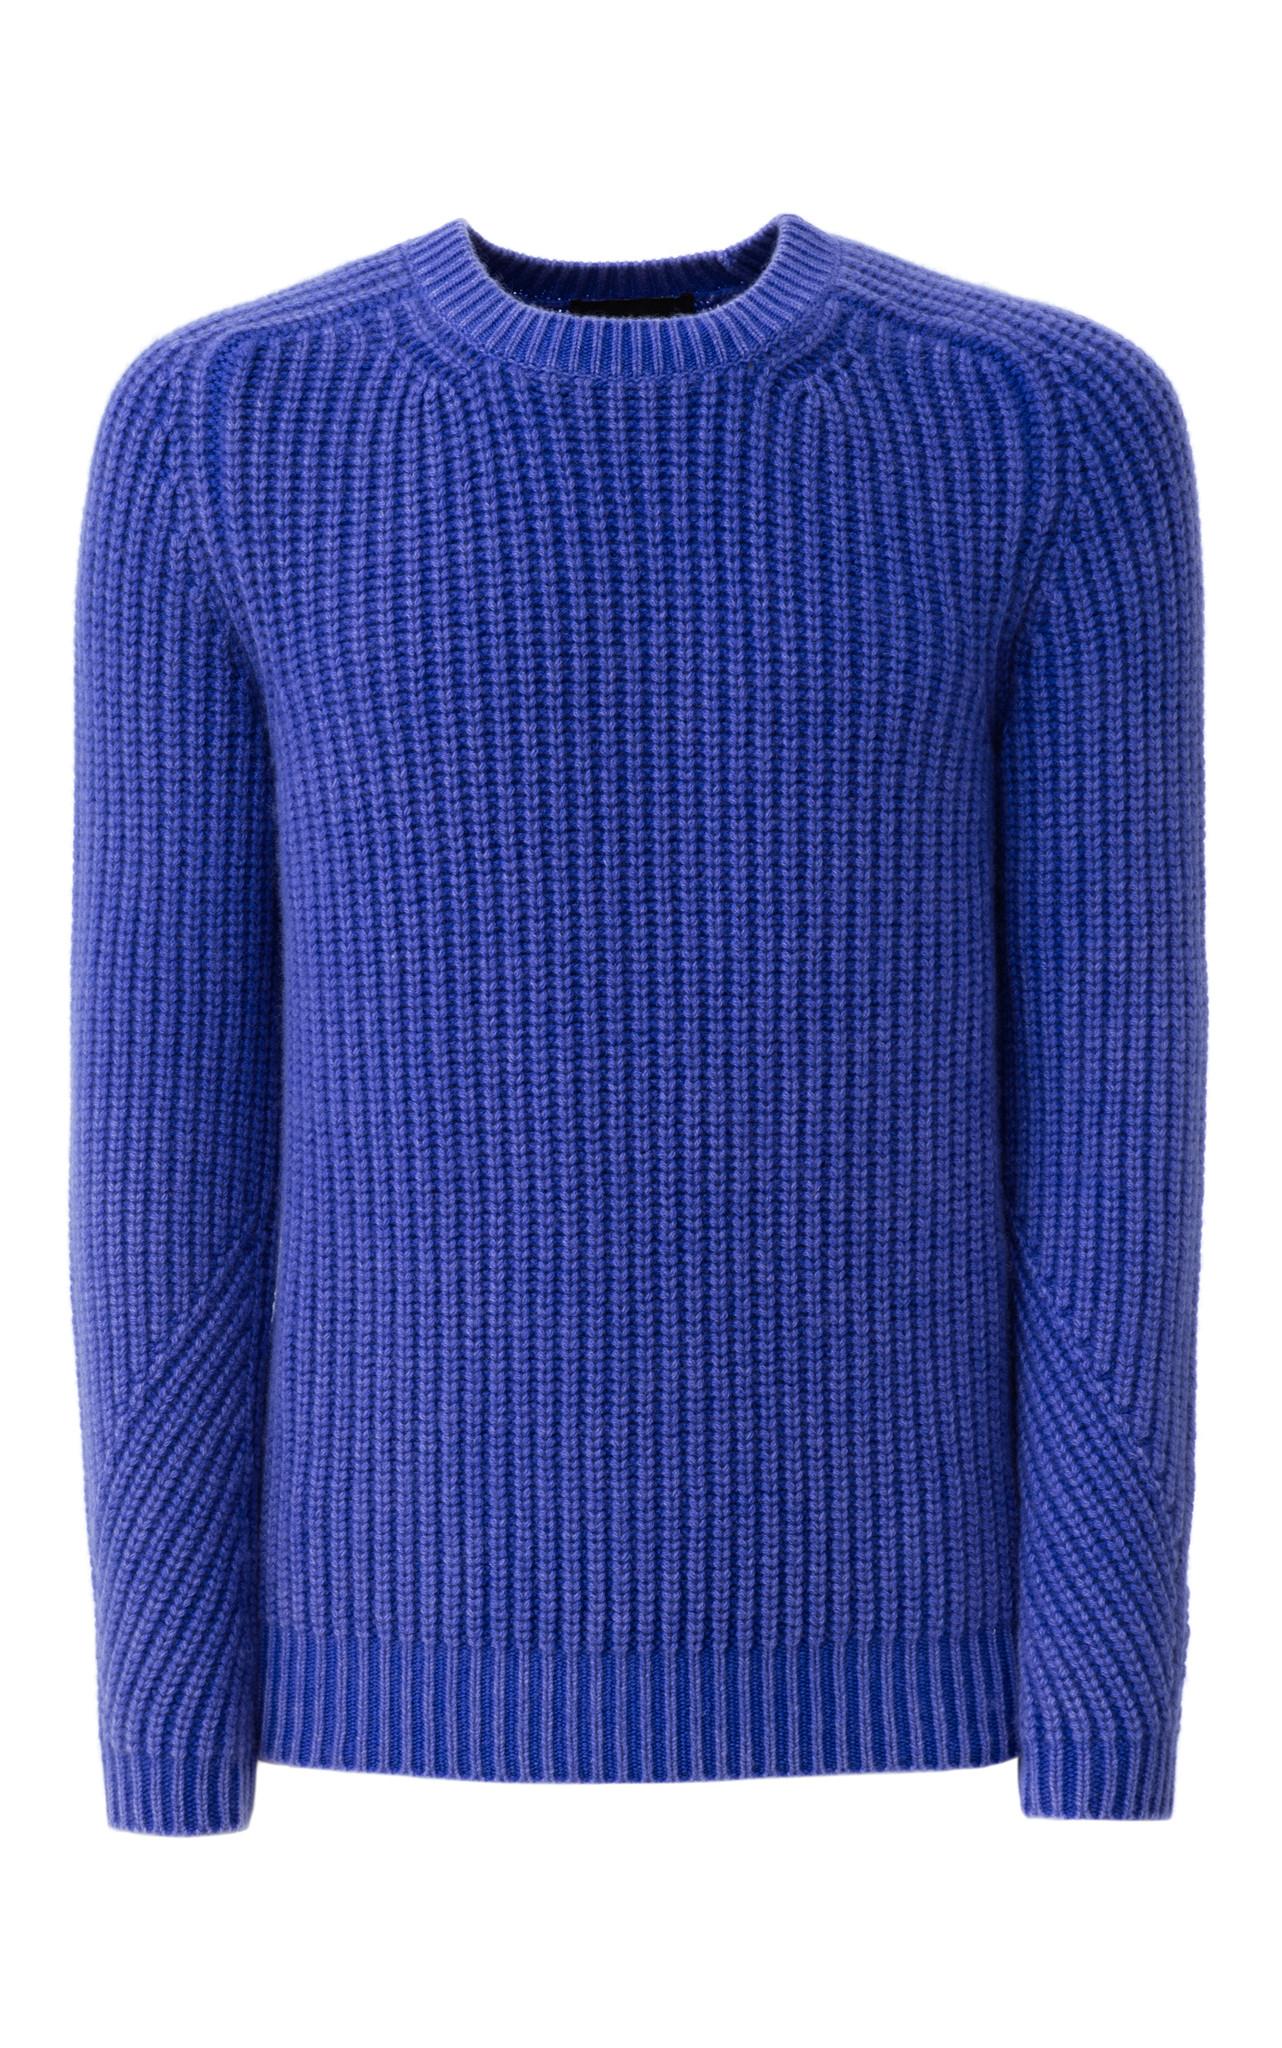 iris von arnim pullover cooper in blue for men royal lyst. Black Bedroom Furniture Sets. Home Design Ideas